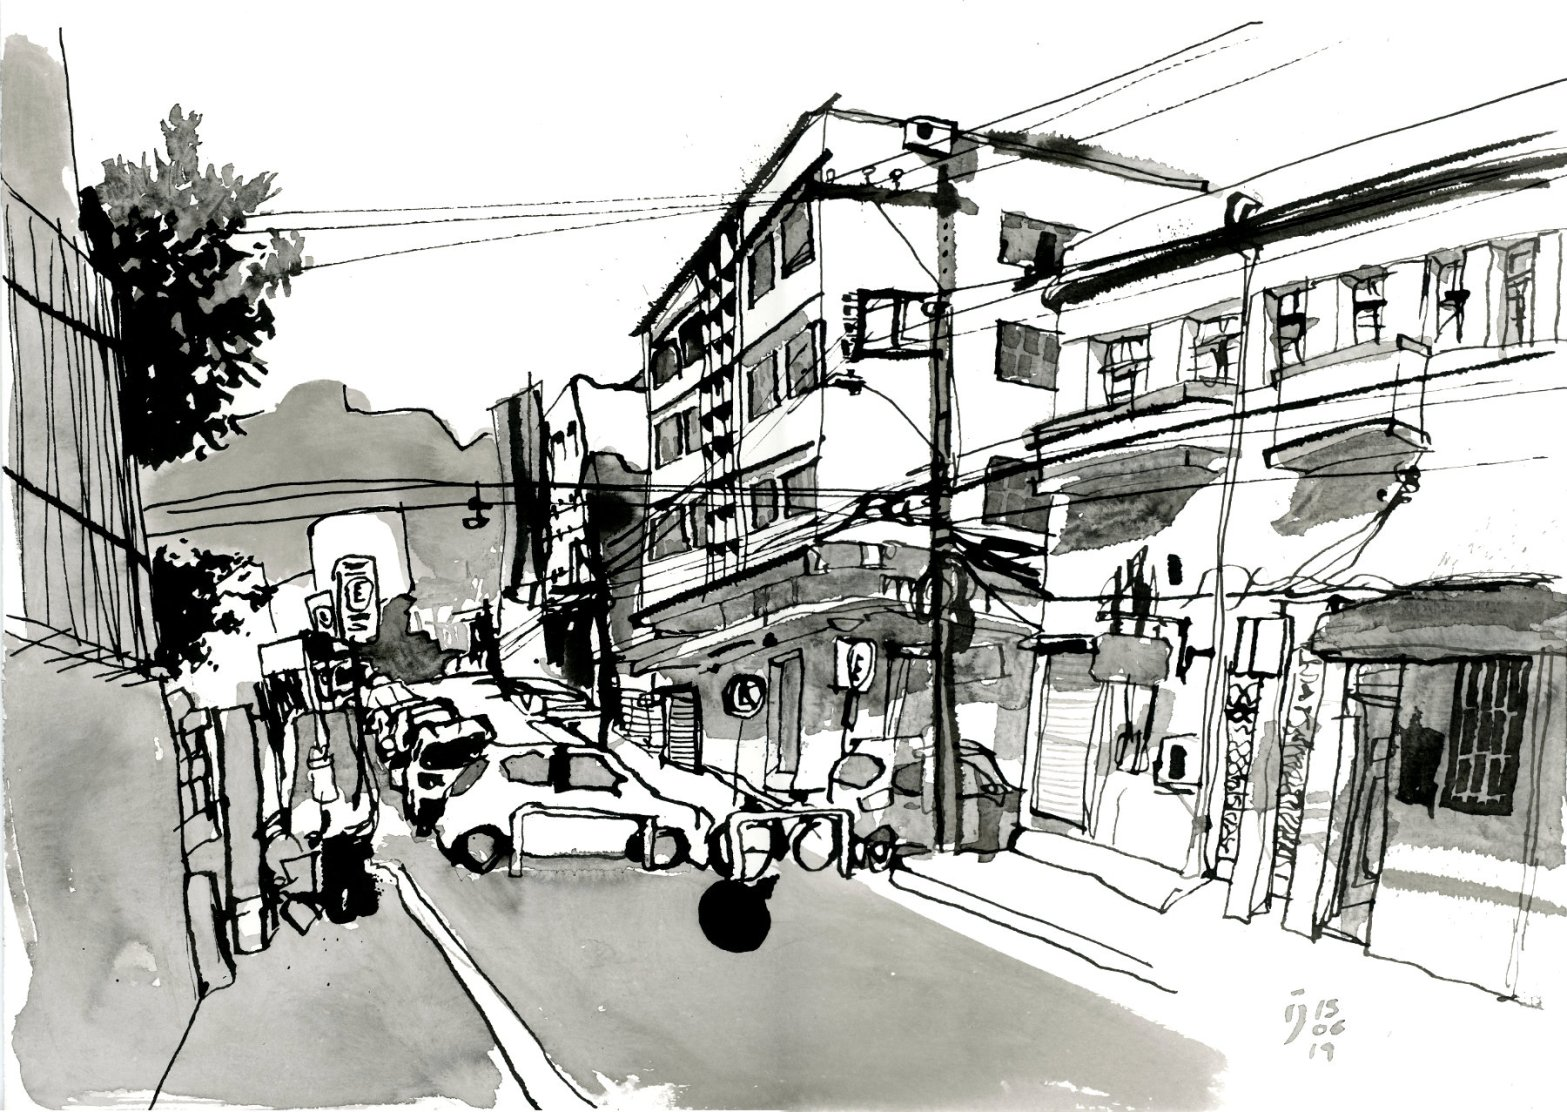 Desenho a traço em nanquim mostrando esquina de duas ruas com prédios, carros estacionados e postes